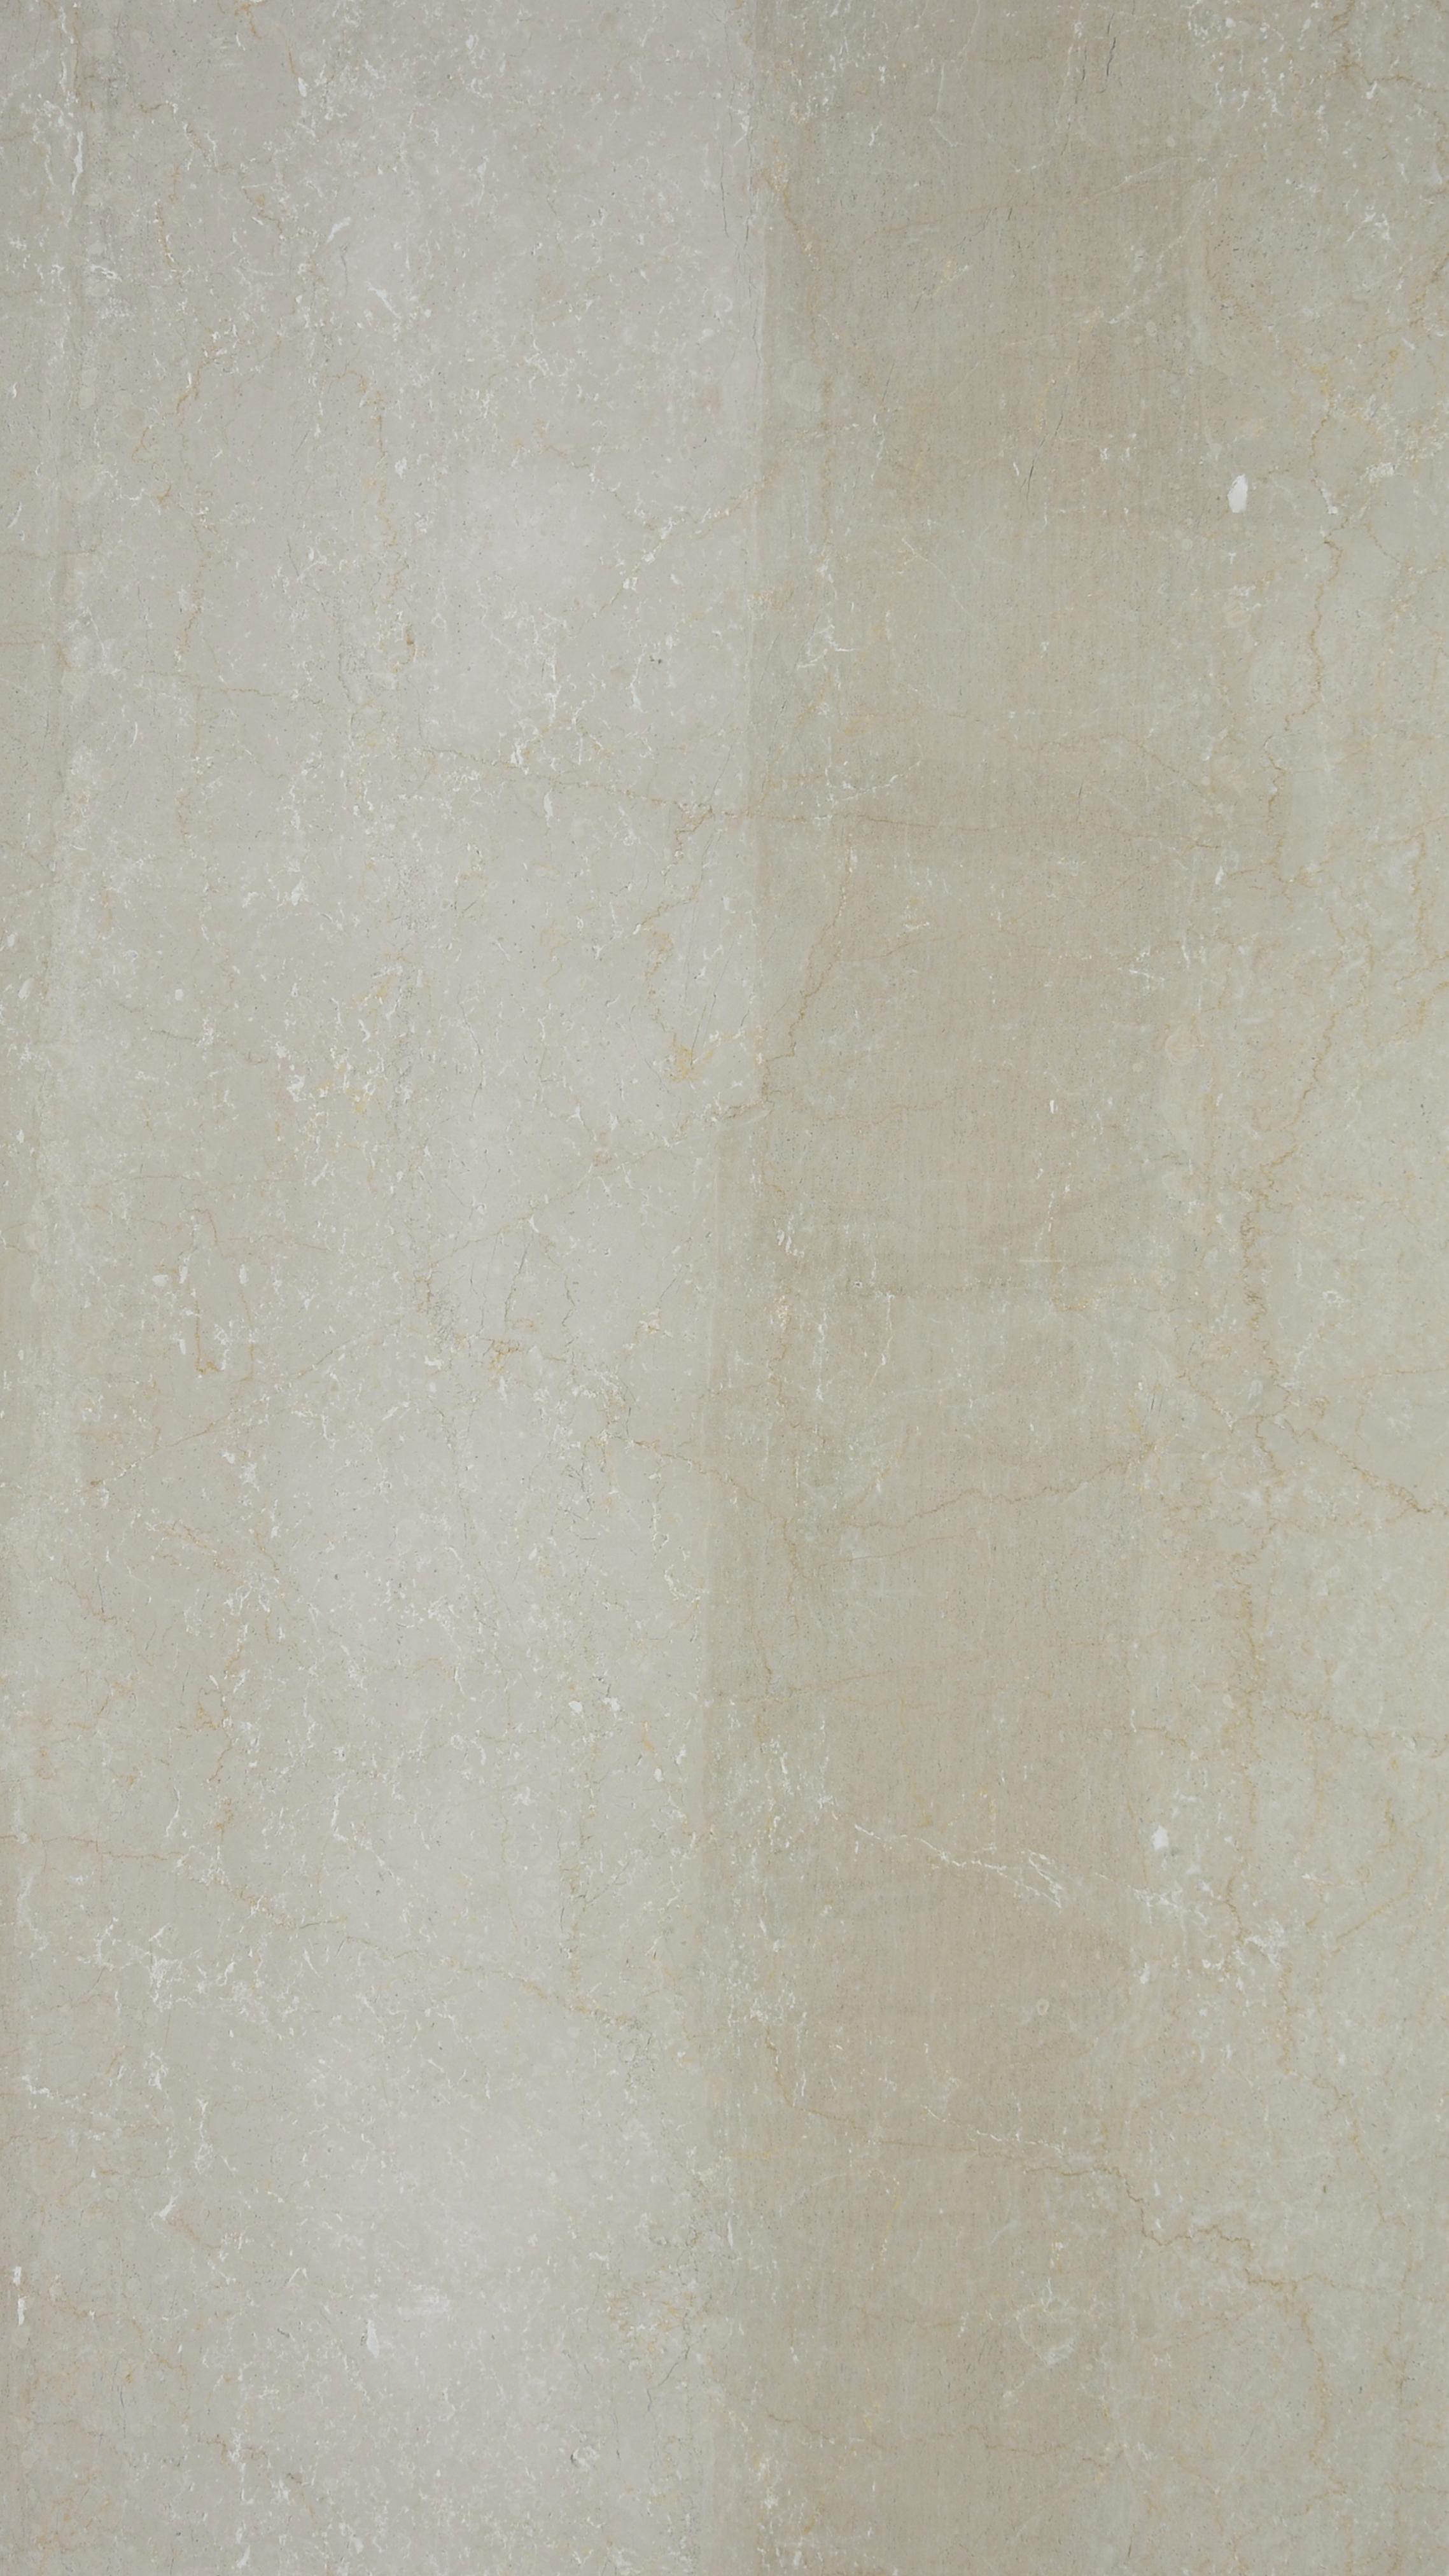 Botticino Semi Classic Marble